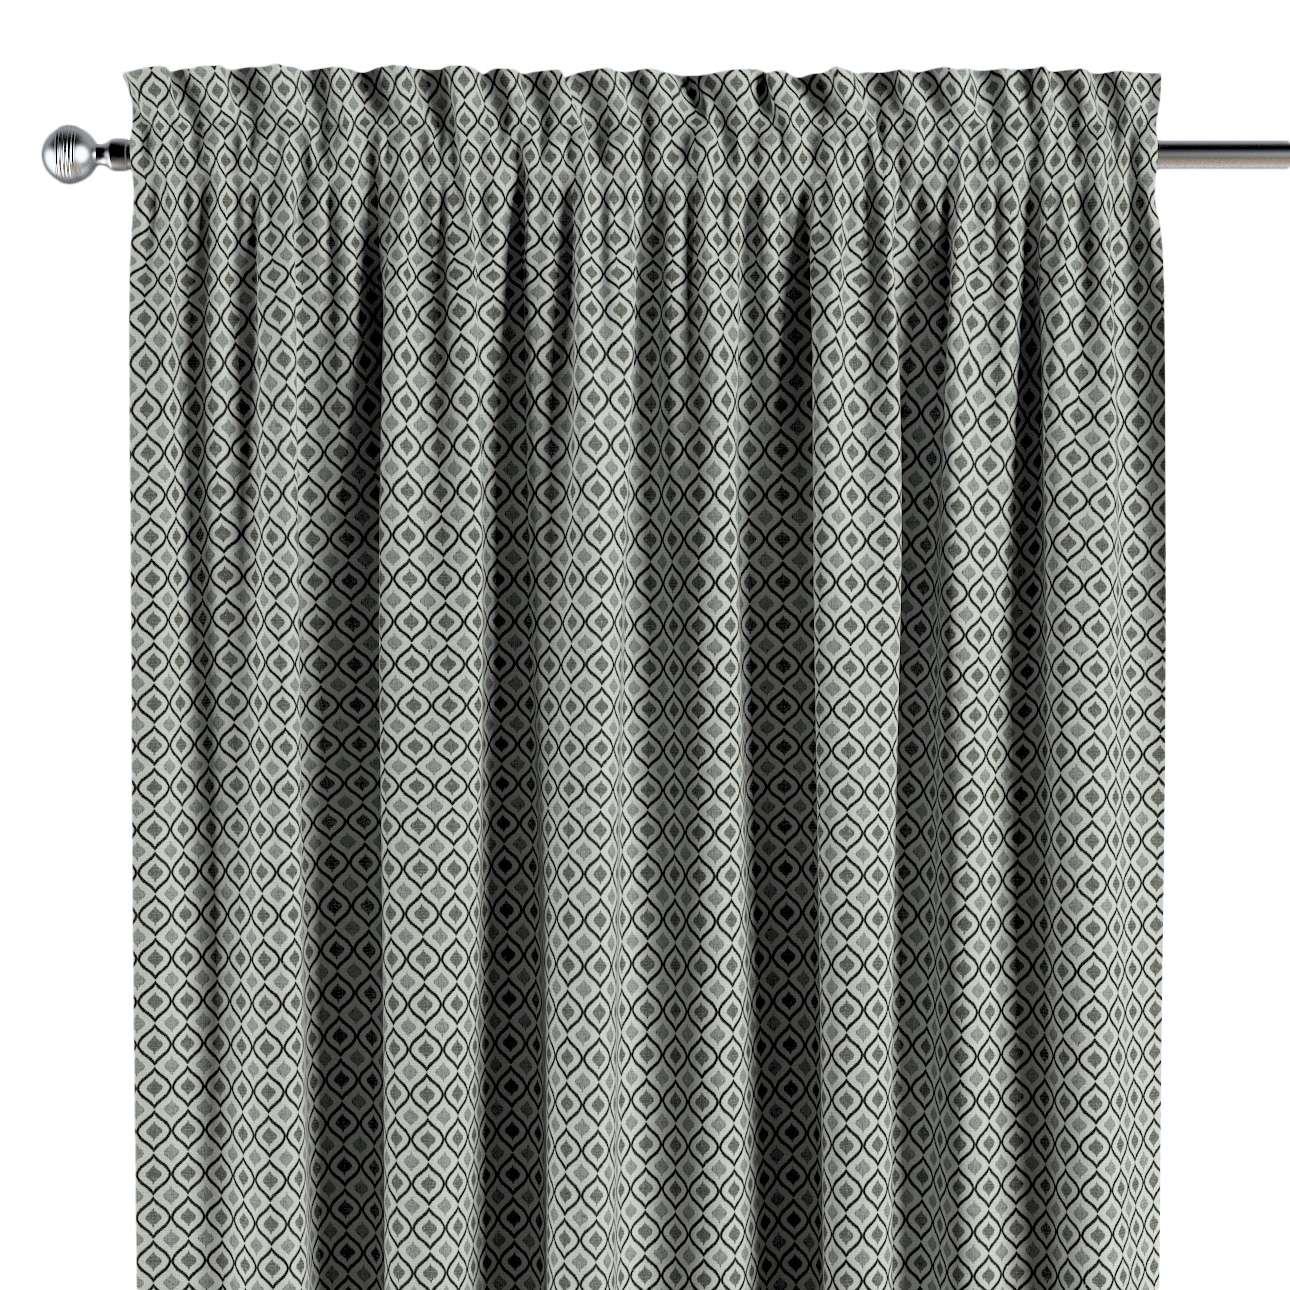 Gardin med kanal - Multiband 1 längd i kollektionen Black & White, Tyg: 142-76